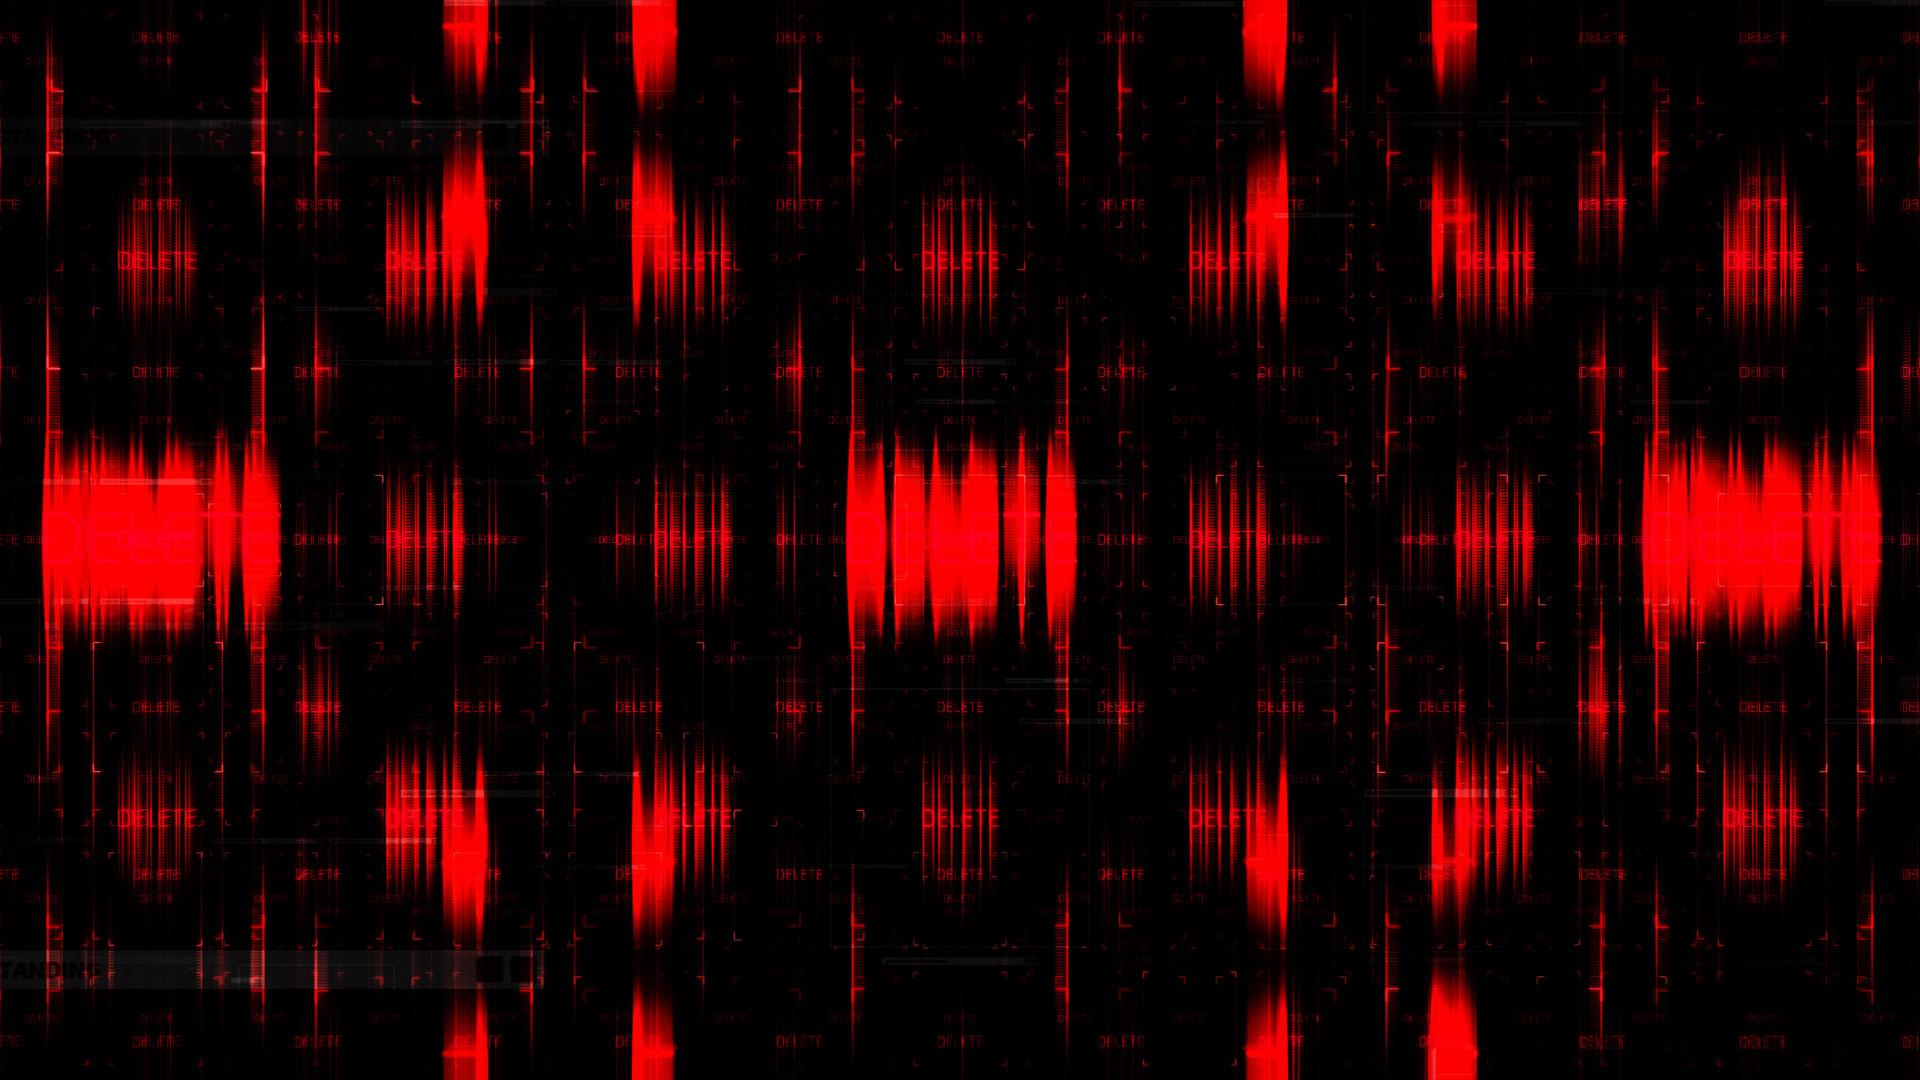 KZ_Cyberspace_06_Still001